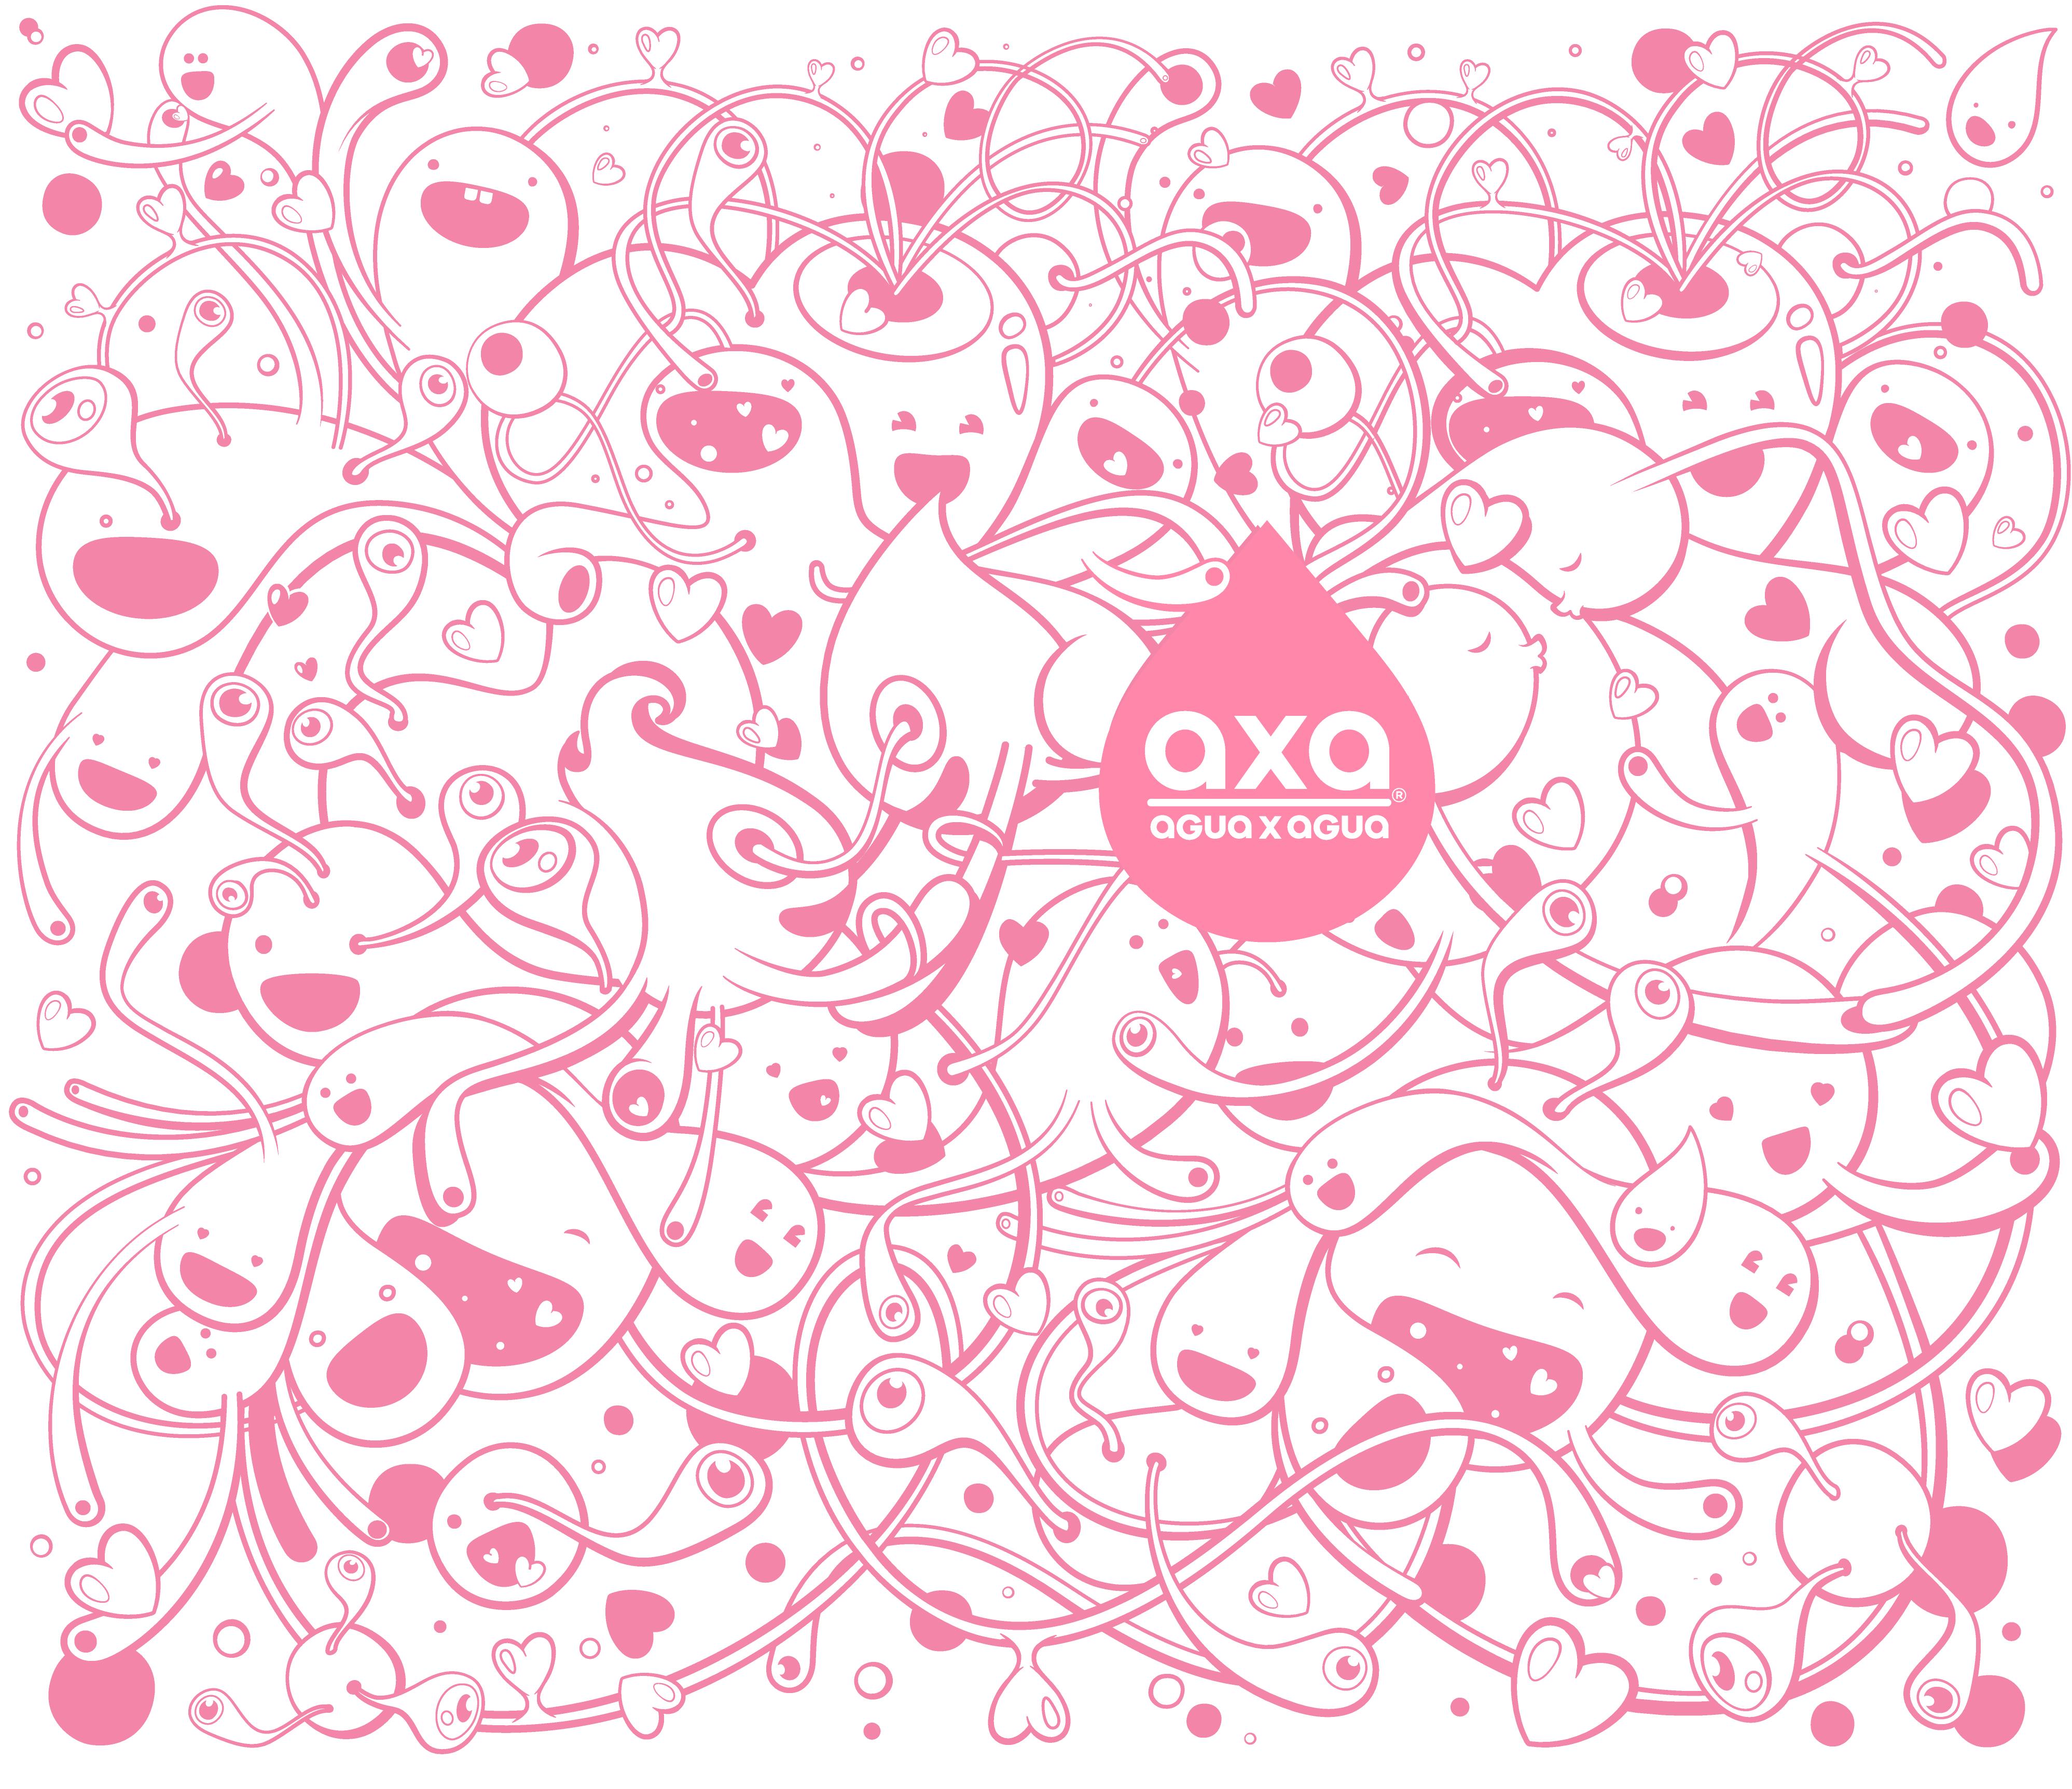 axa_patterns-05